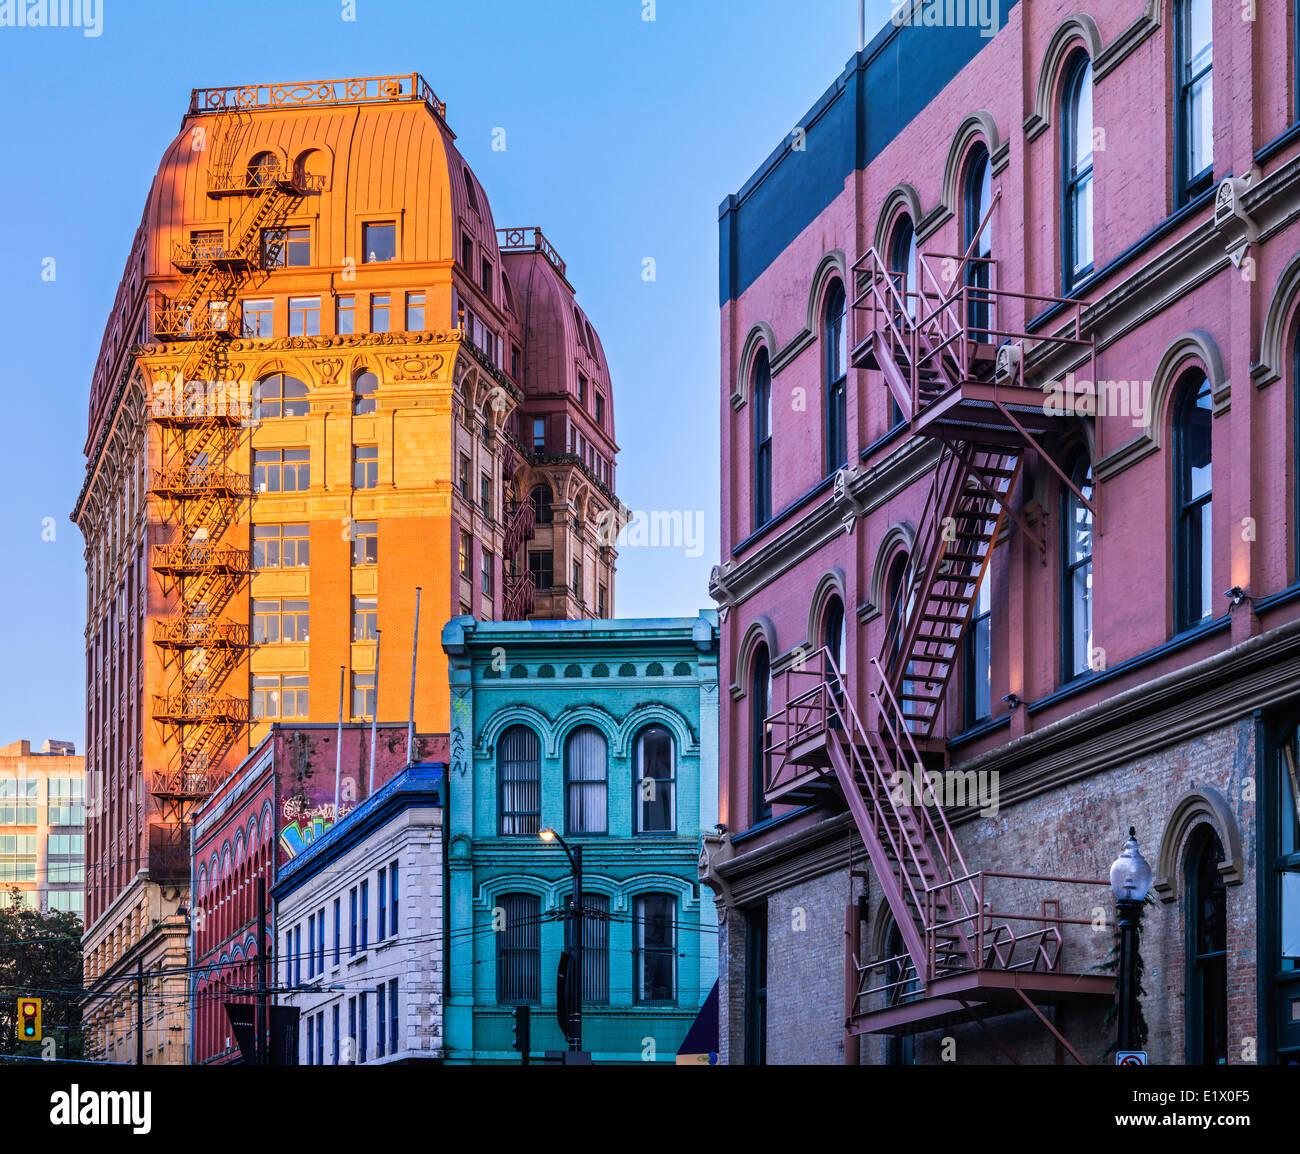 Wohnhäuser in der Innenstadt von Vancouver, British Columbia, Kanada Stockbild